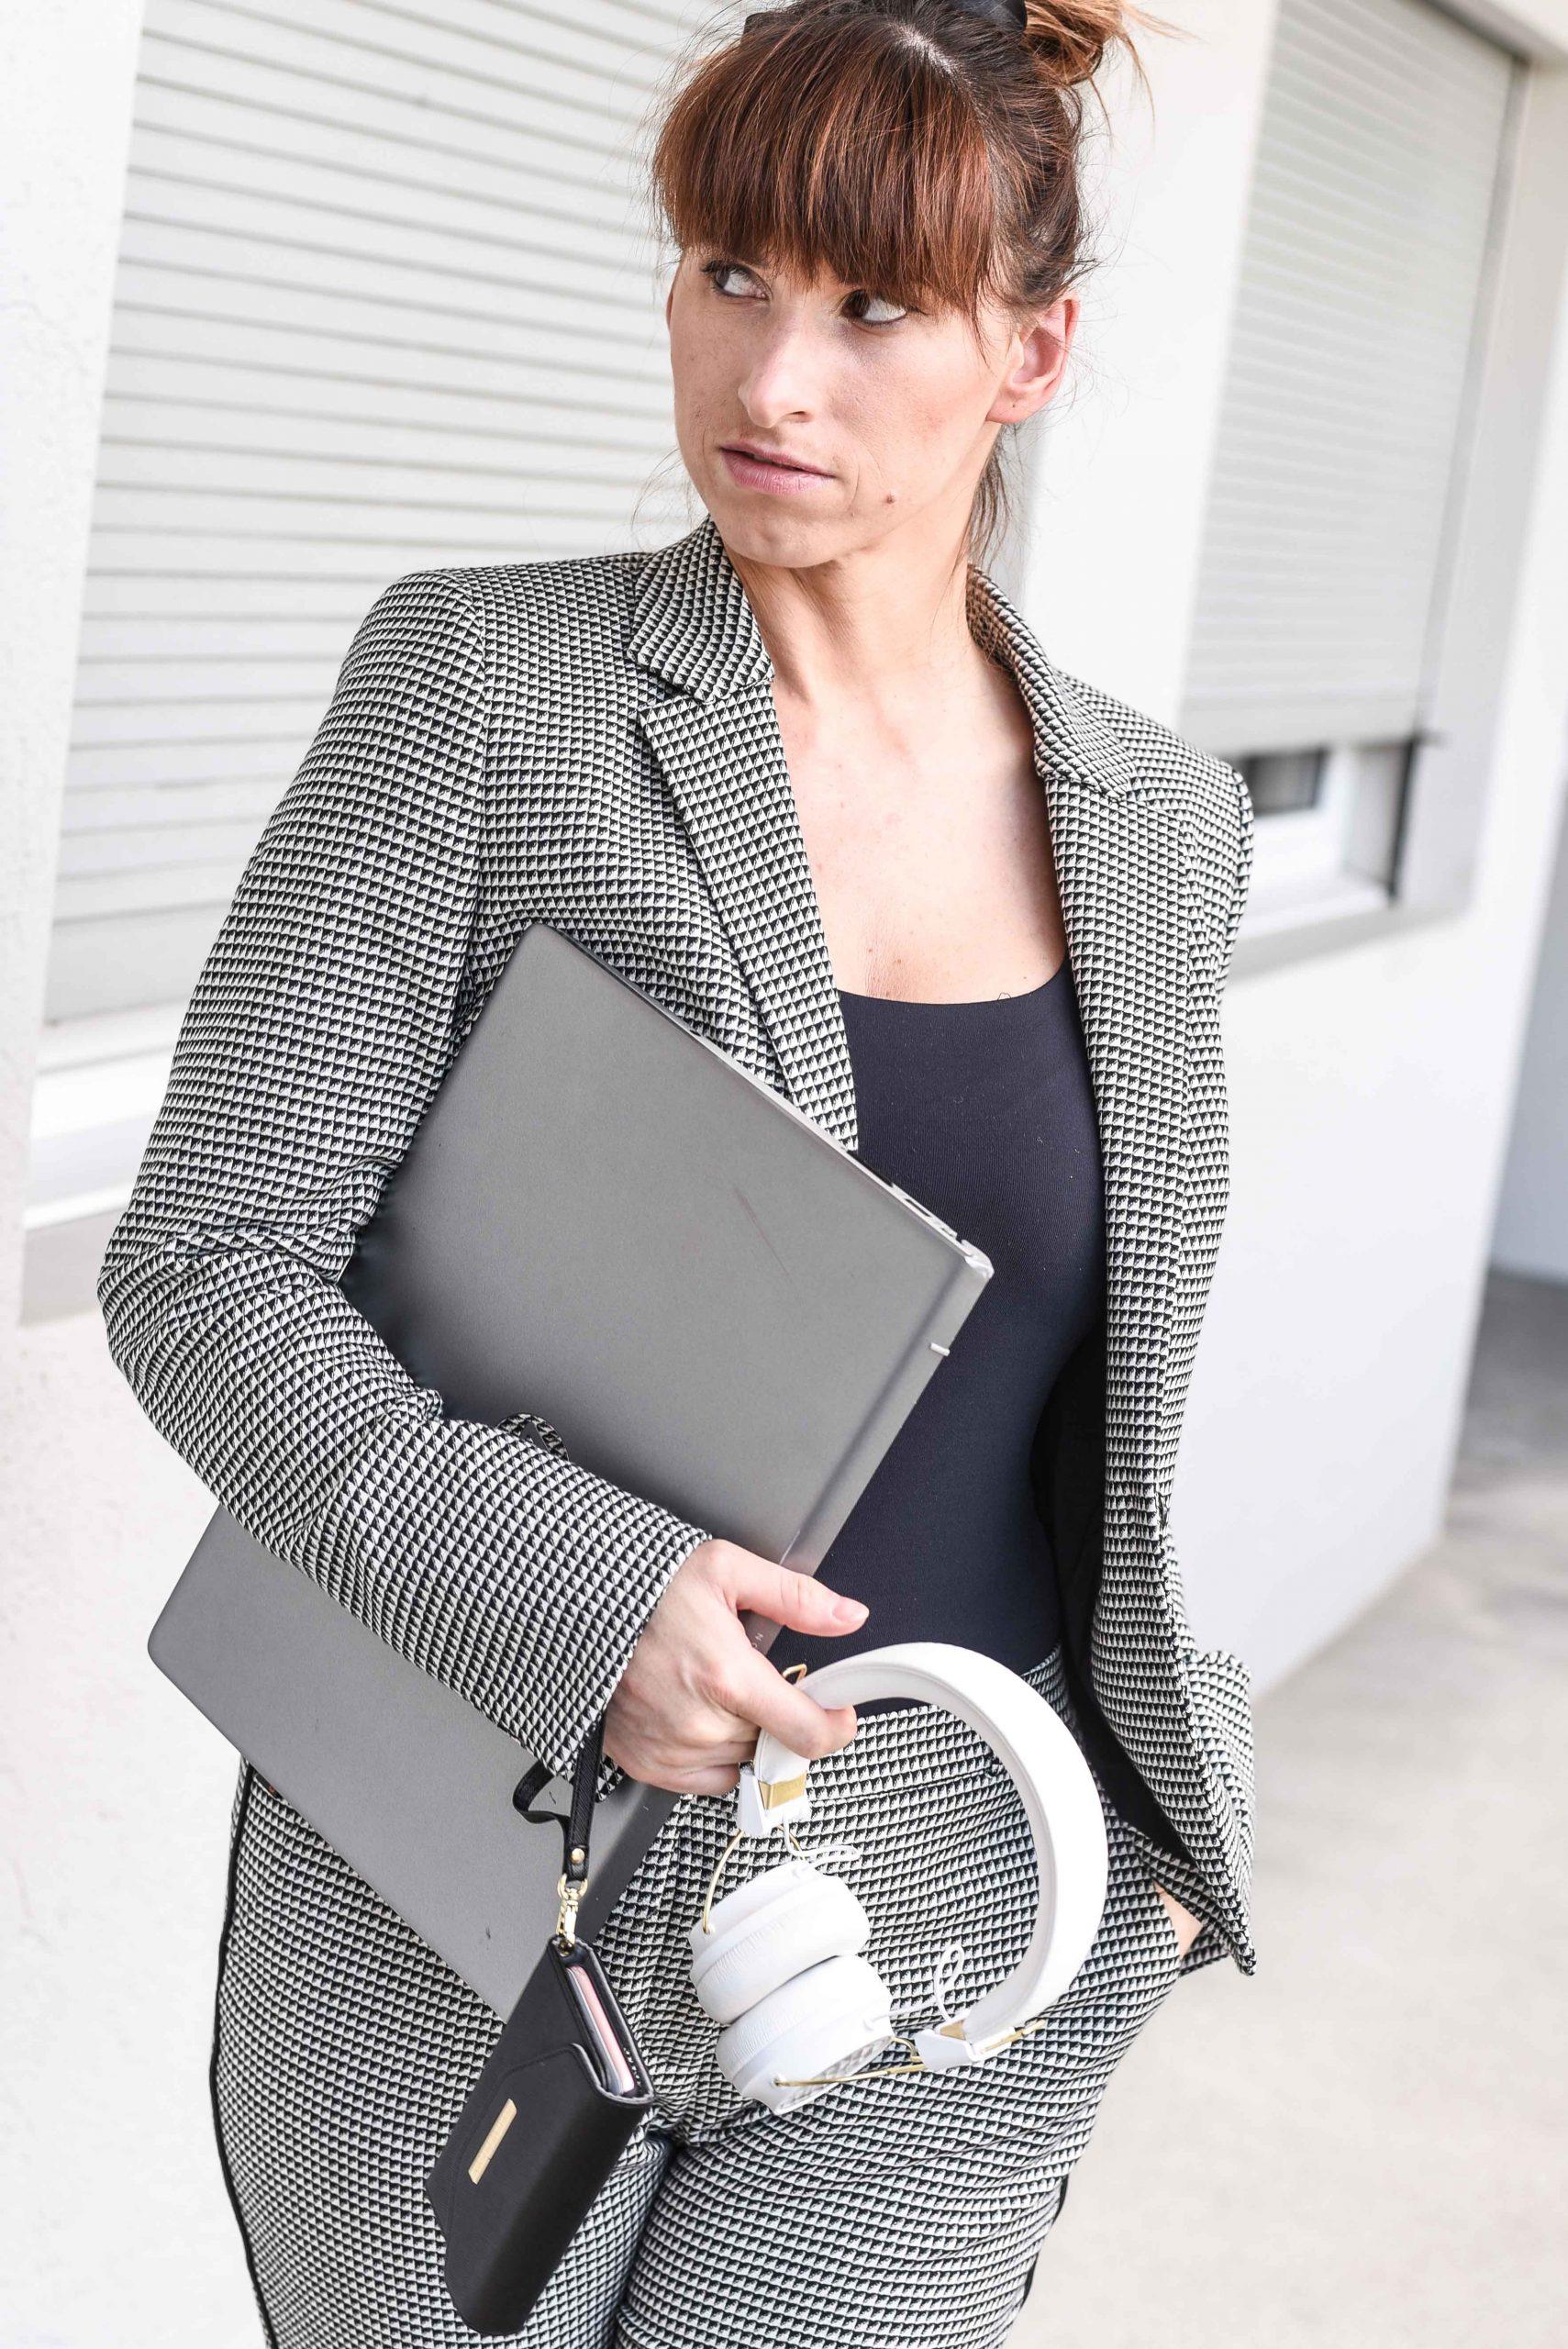 Routine: Anzug von Hugo Boss, Top von Zara, Kopfhörer von Sudio